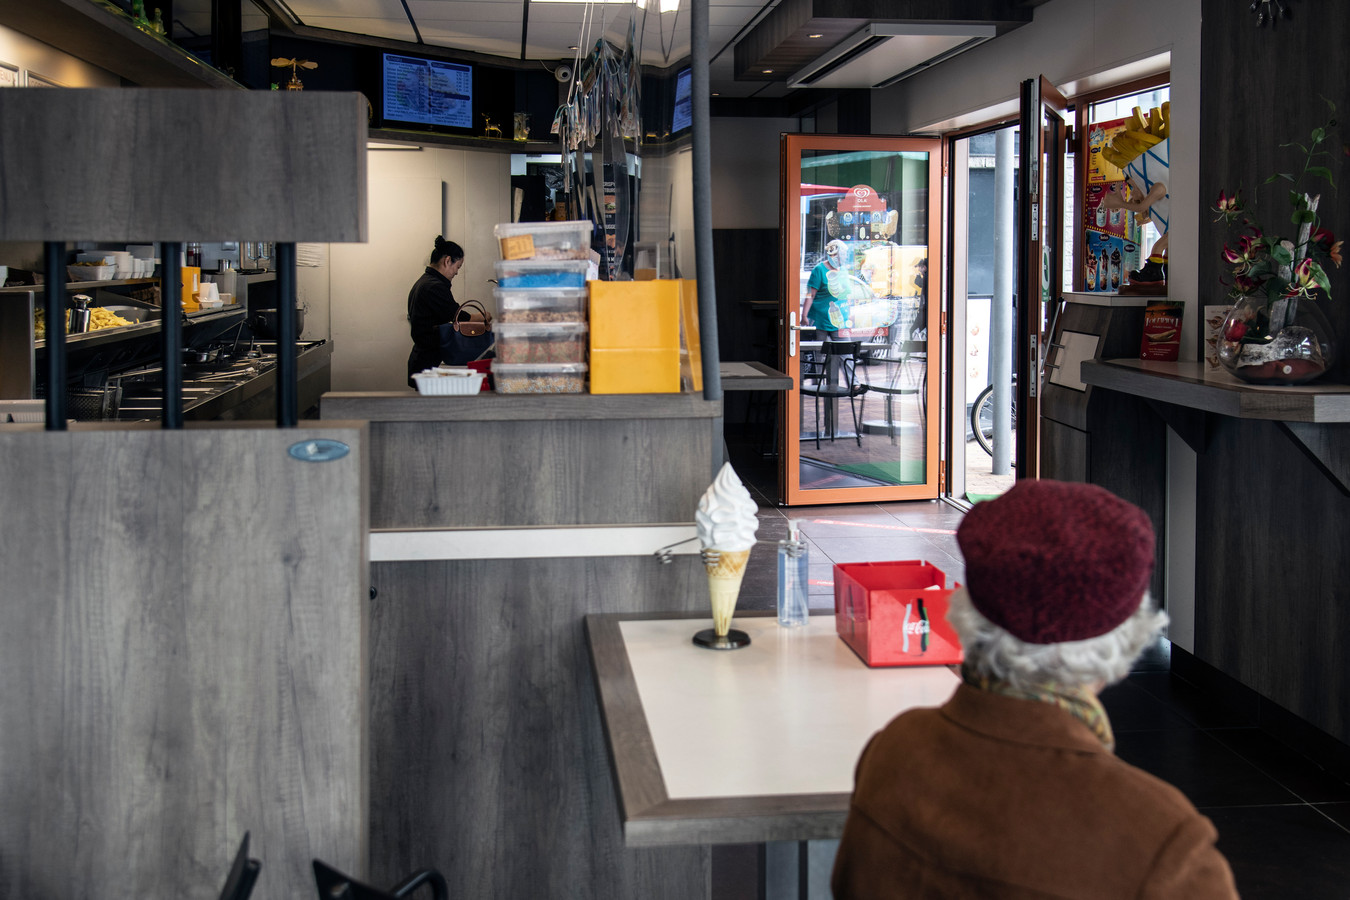 De snackbar in het vernieuwde winkelcentrum Meijhorst.